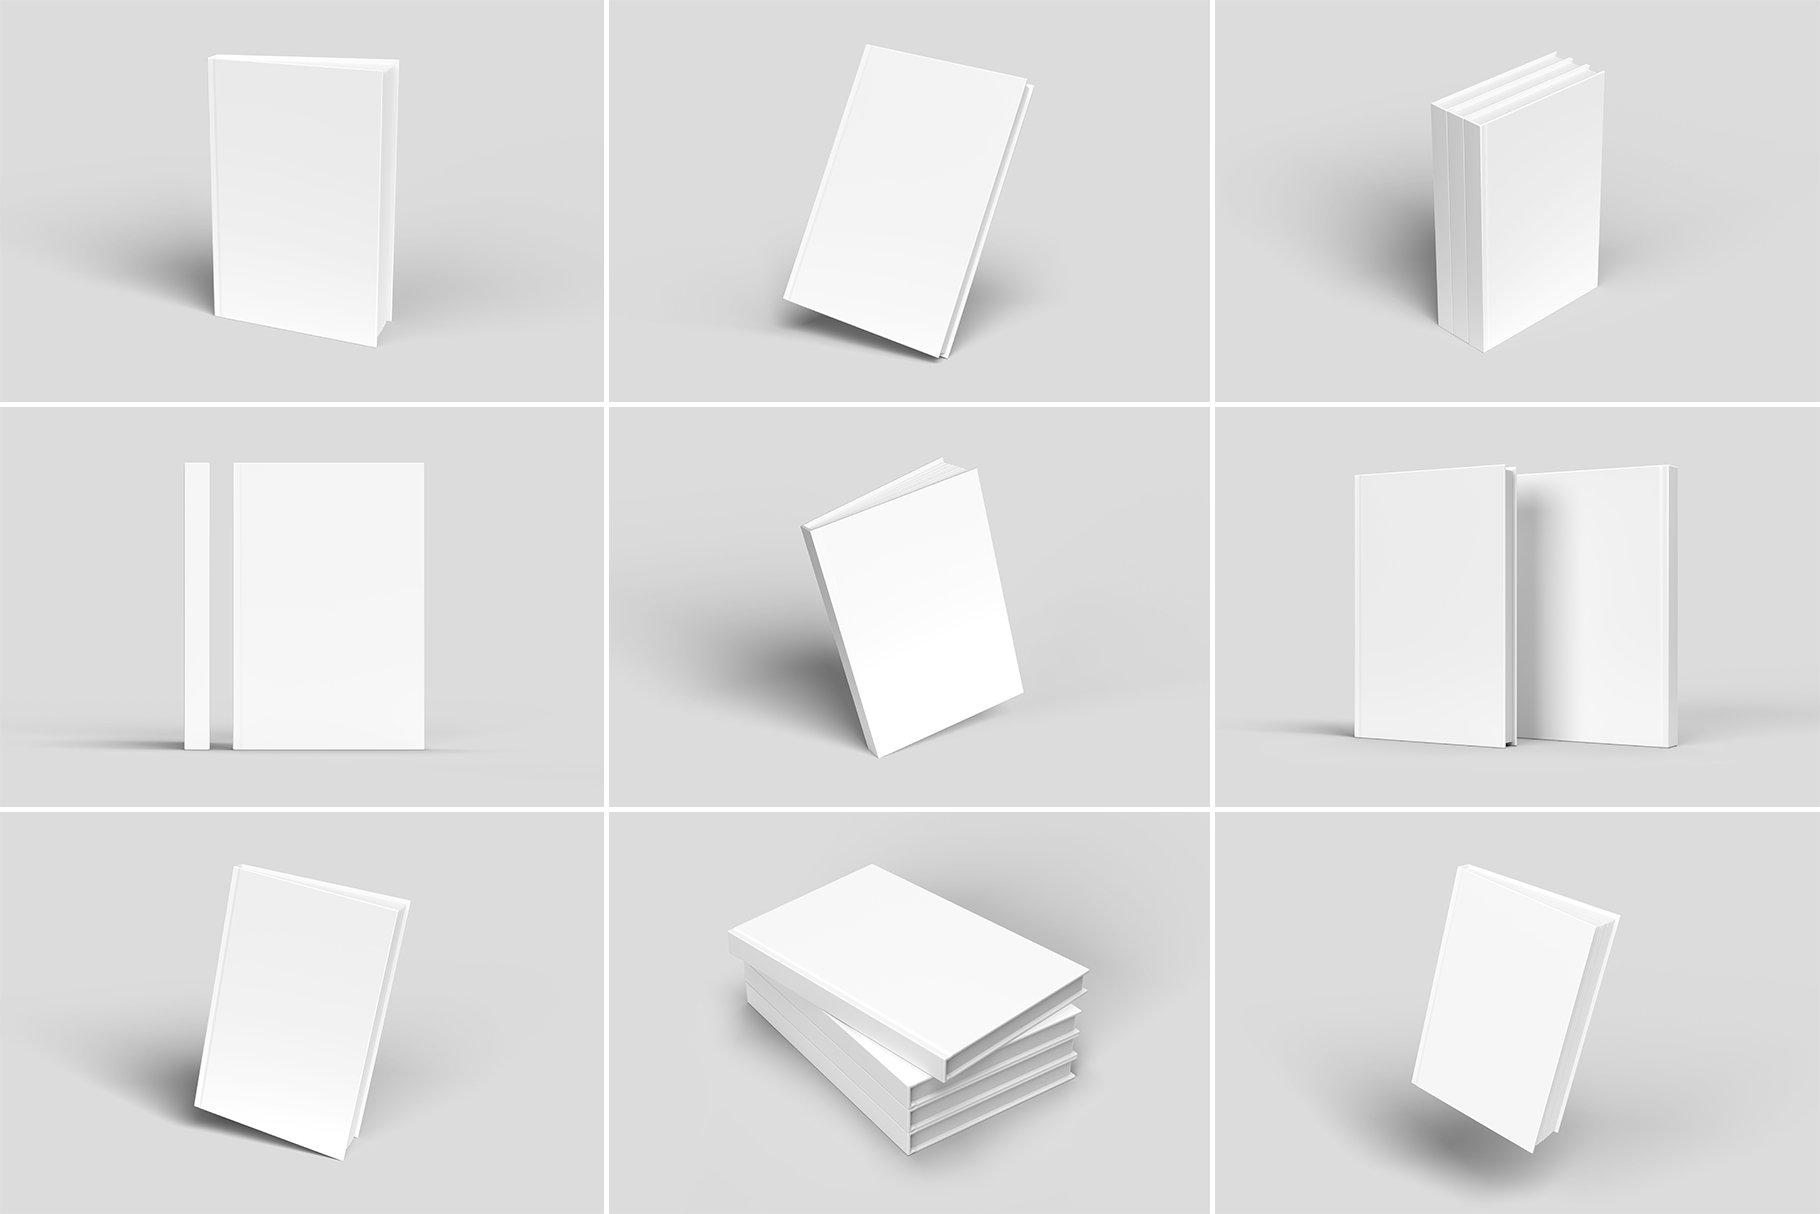 精装书硬皮书画册设计展示贴图样机 Hardcover Book Mockup插图5